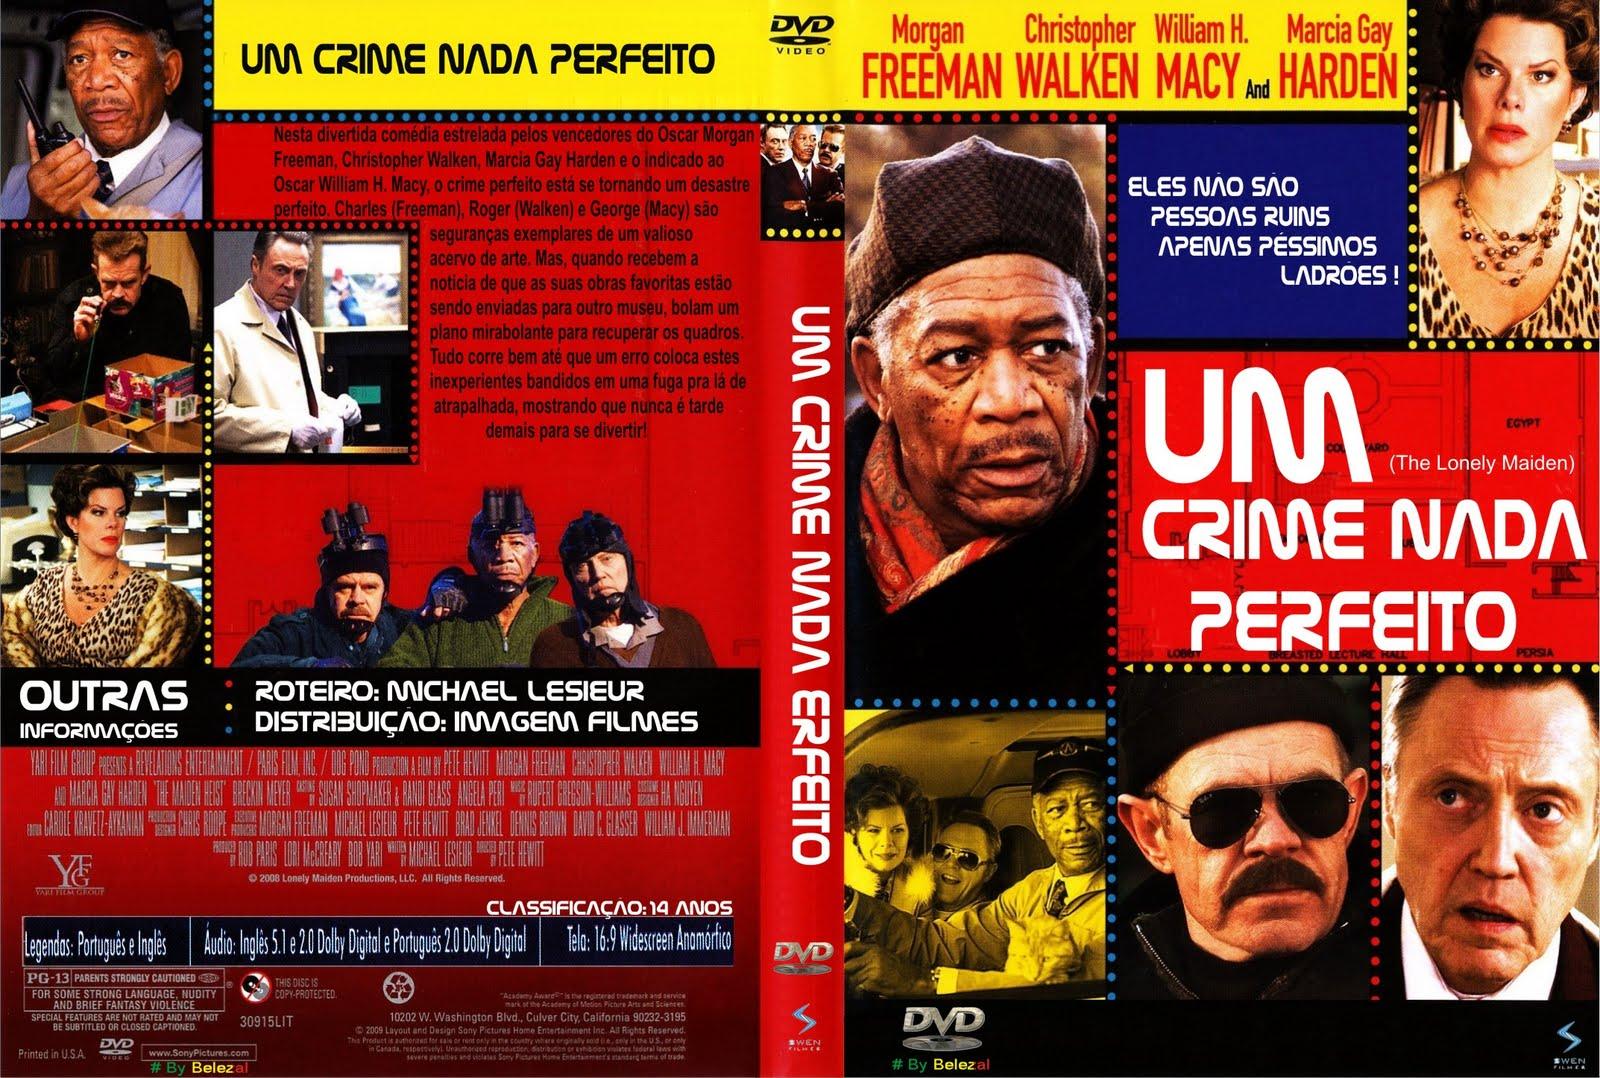 filme um crime nada perfeito dublado rmvb